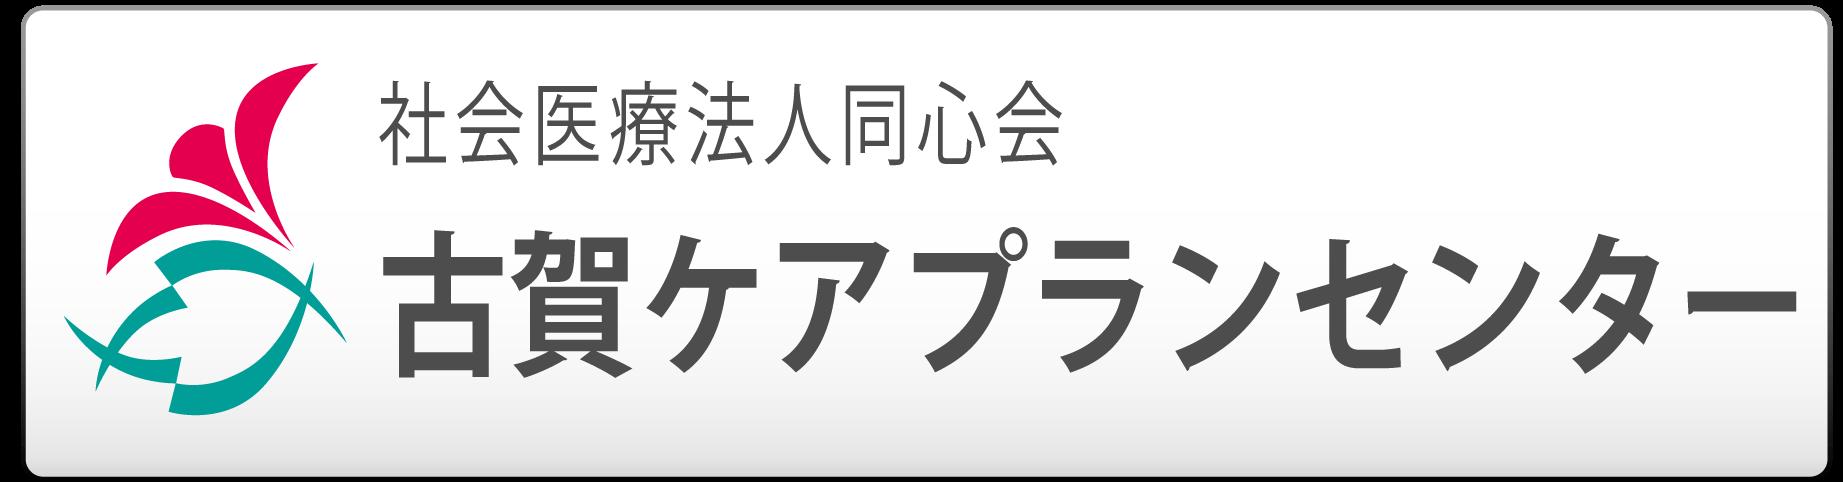 古賀ケアプランセンター